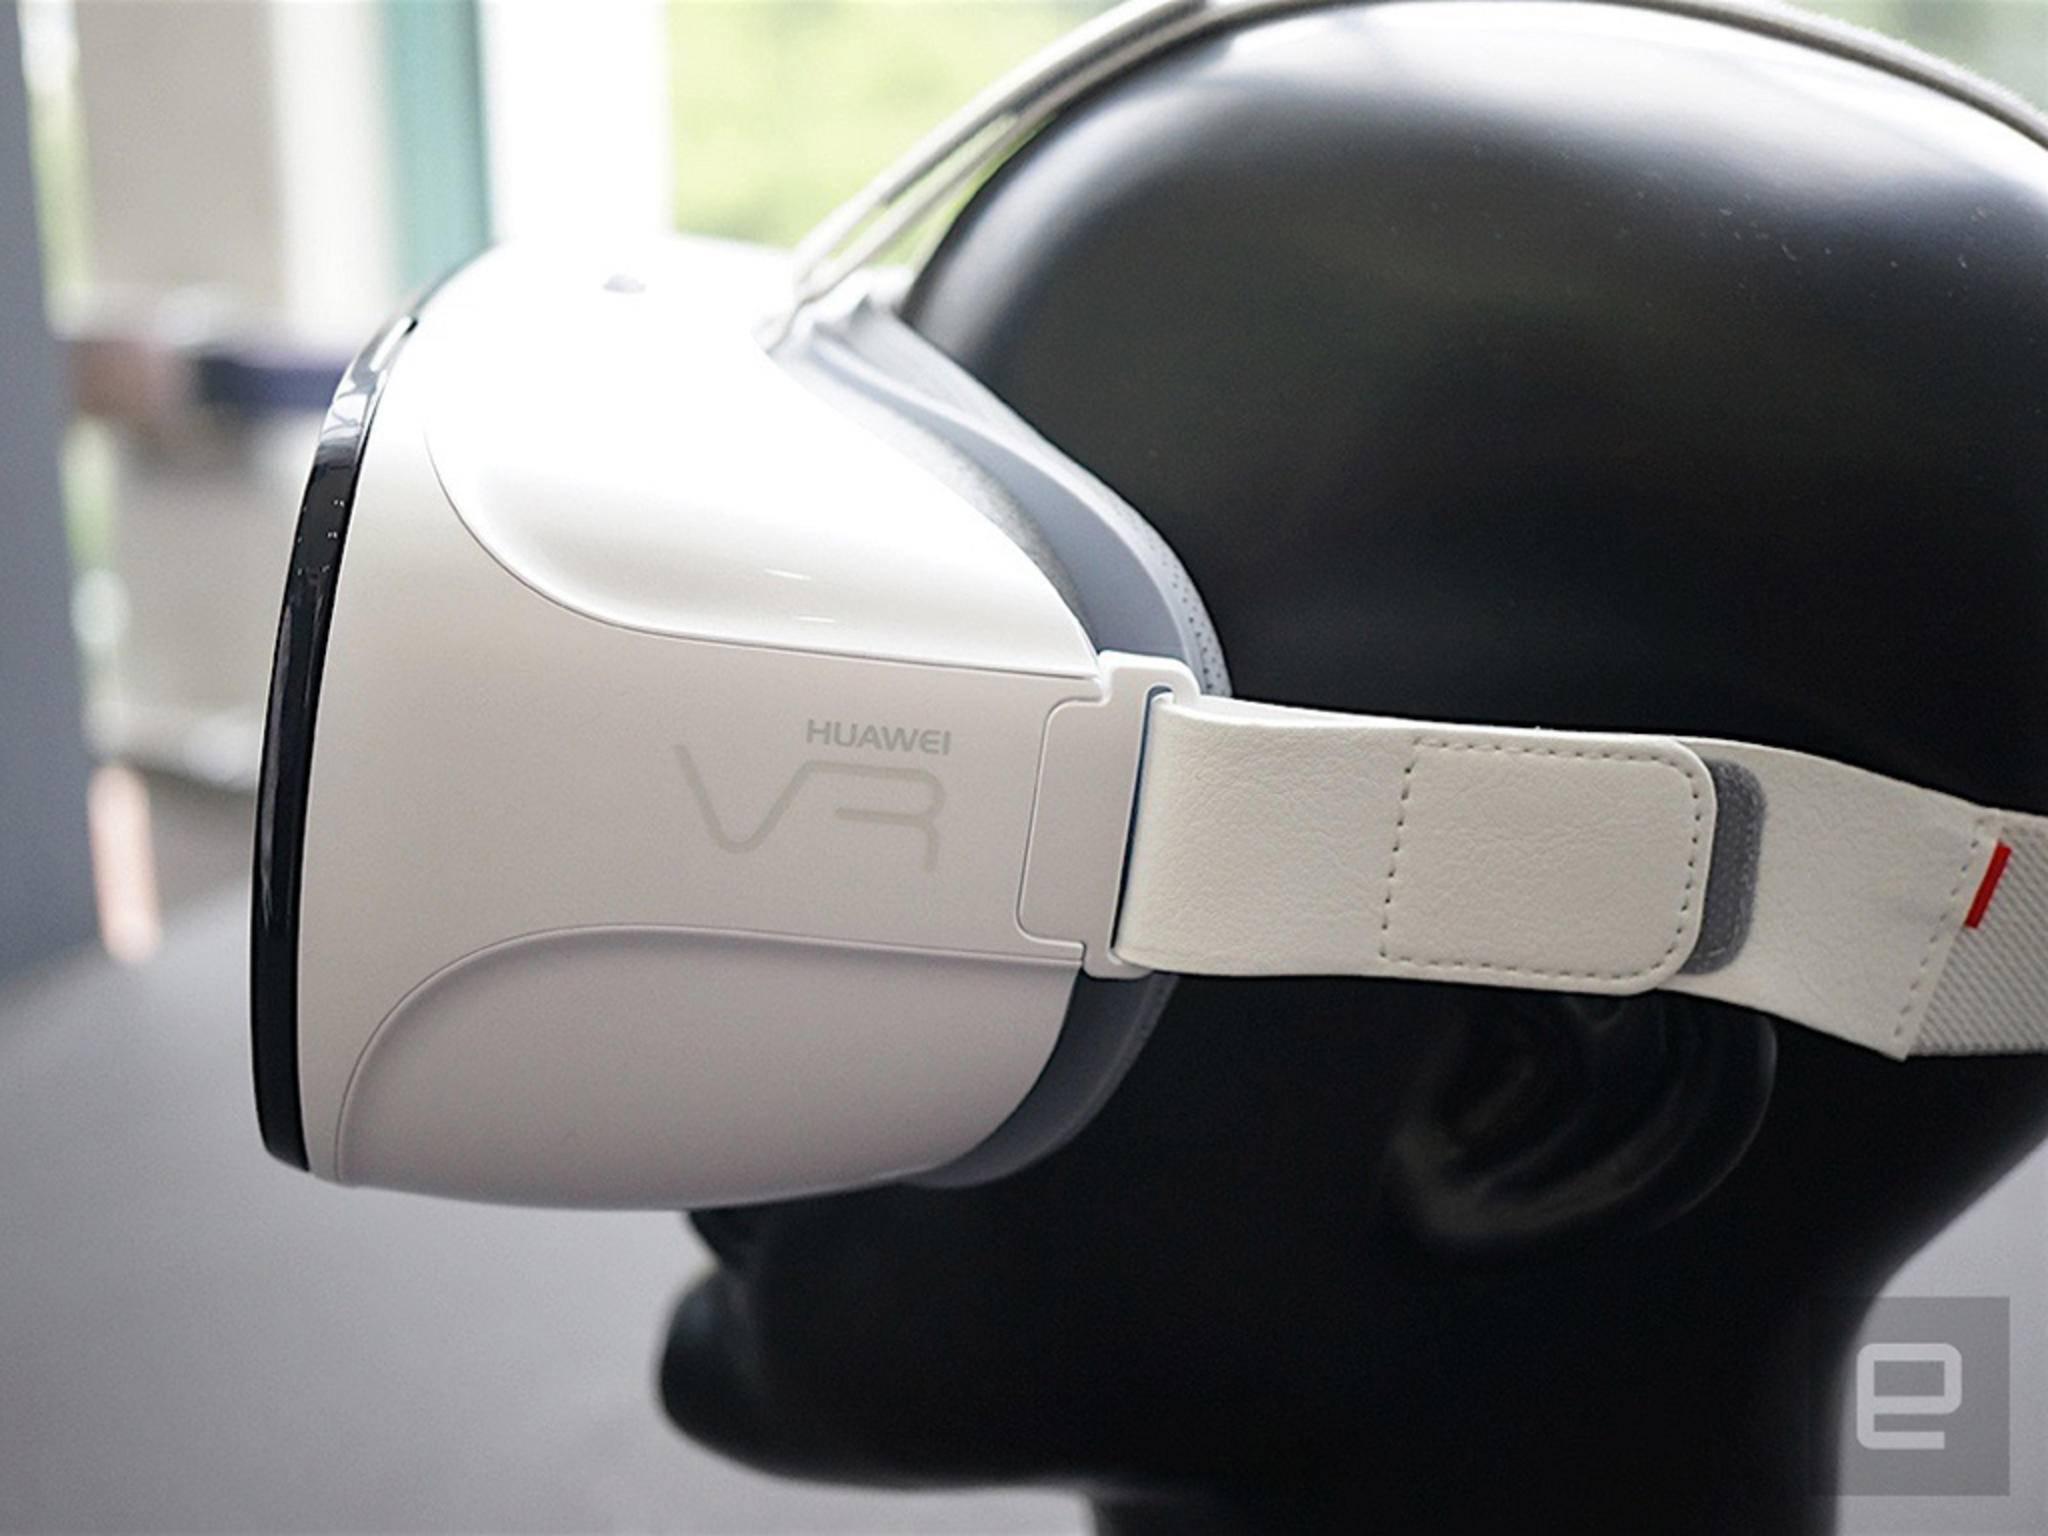 Huawei plant ein Konkurrenzprodukt zur Samsung Gear VR.